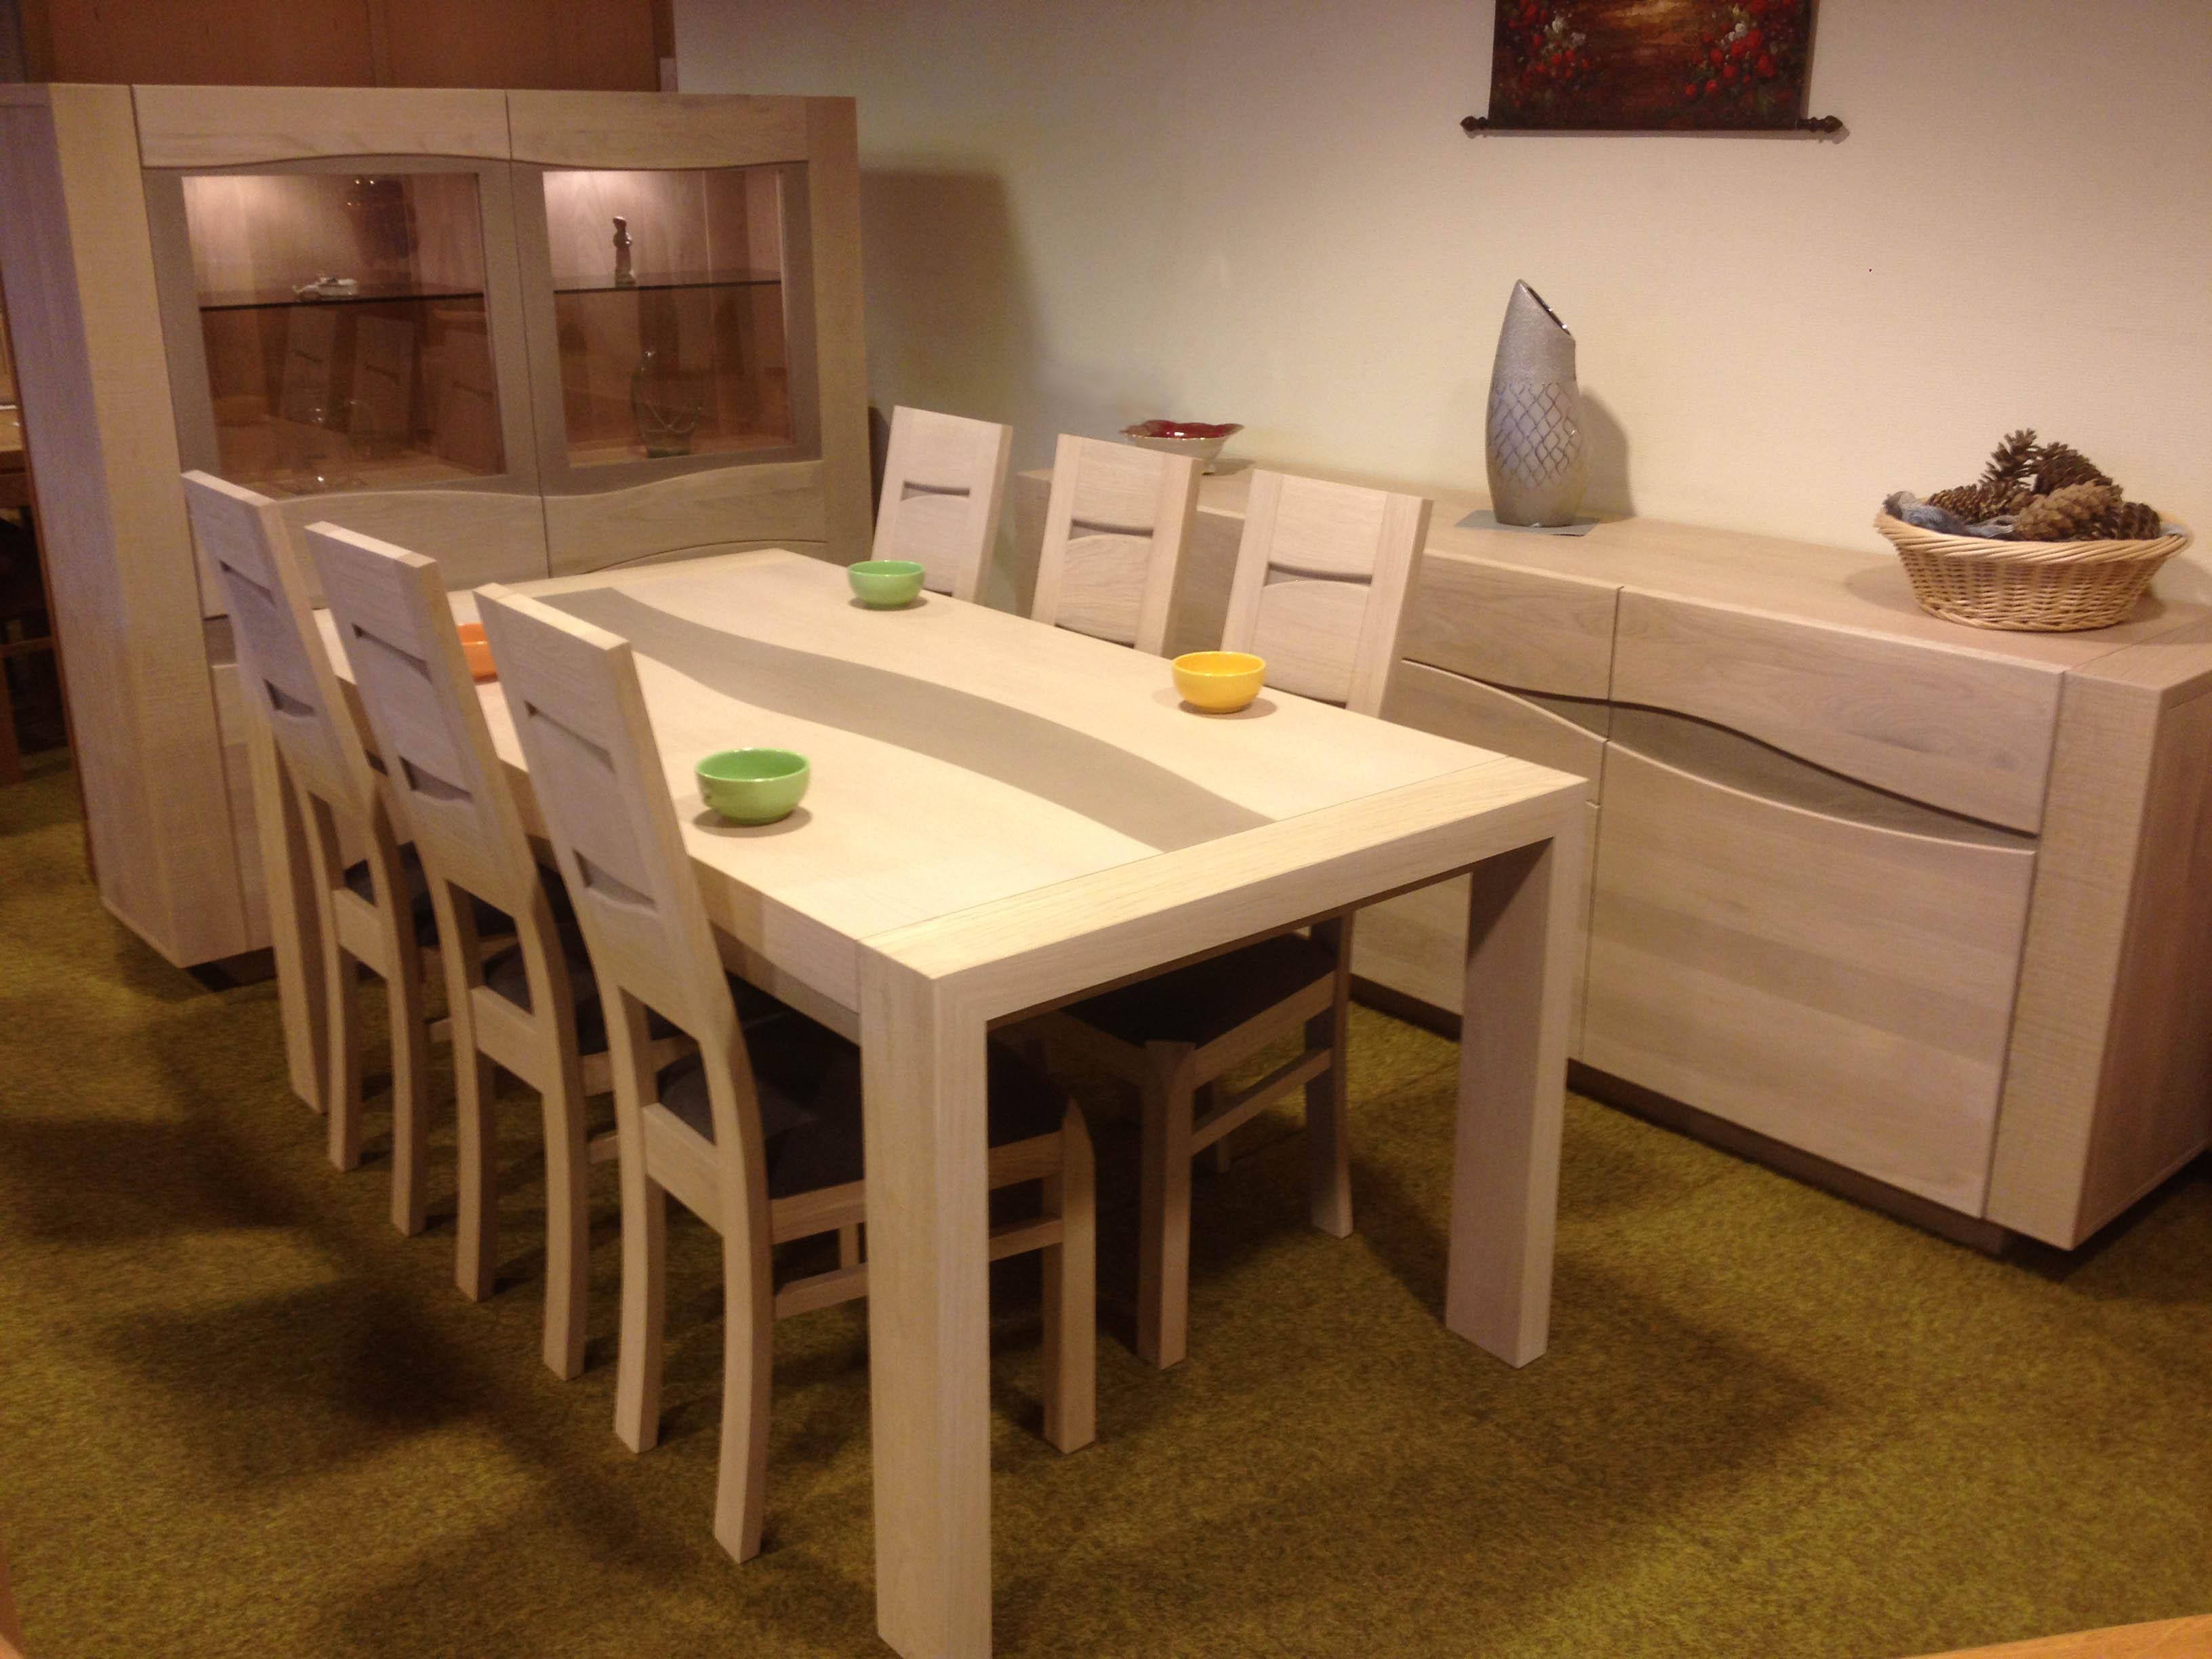 #BF870C Au Bon Meuble à Sivry – Salles à Manger 3775 salle a manger moderne le bon coin 3264x2448 px @ aertt.com